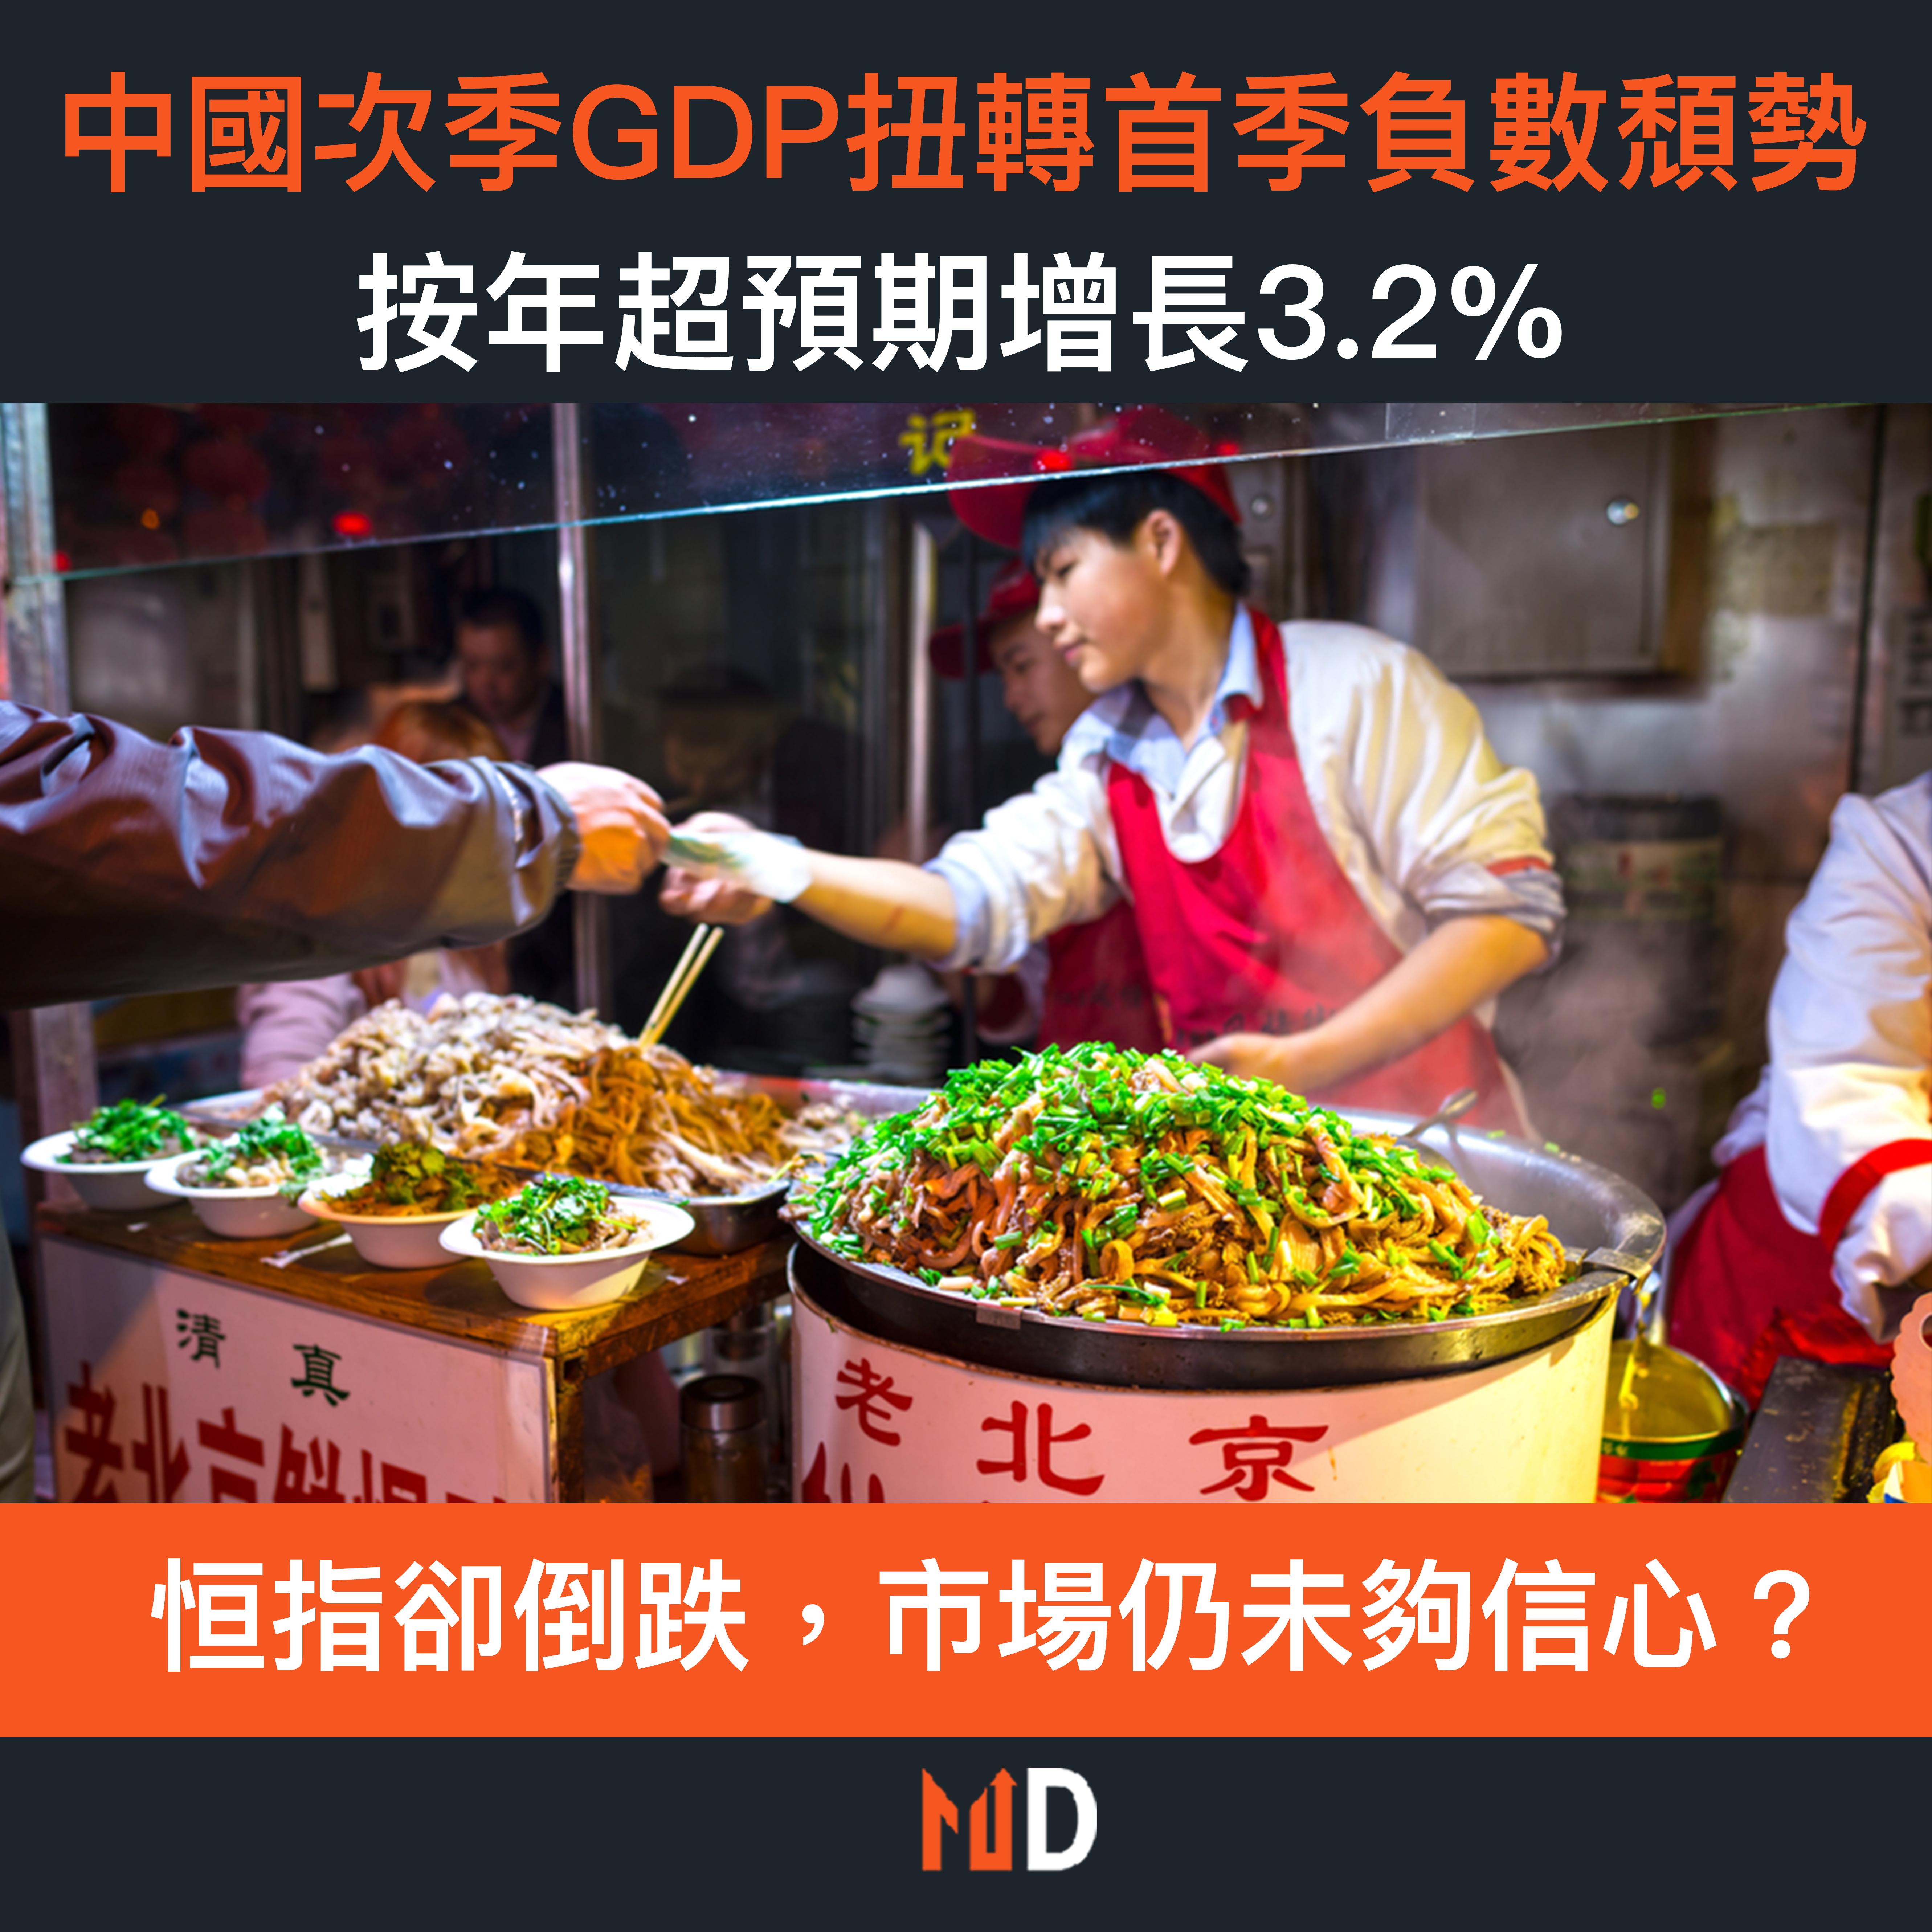 【市場熱話】中國次季GDP扭轉首季負數頹勢,按年超預期增長3.2%